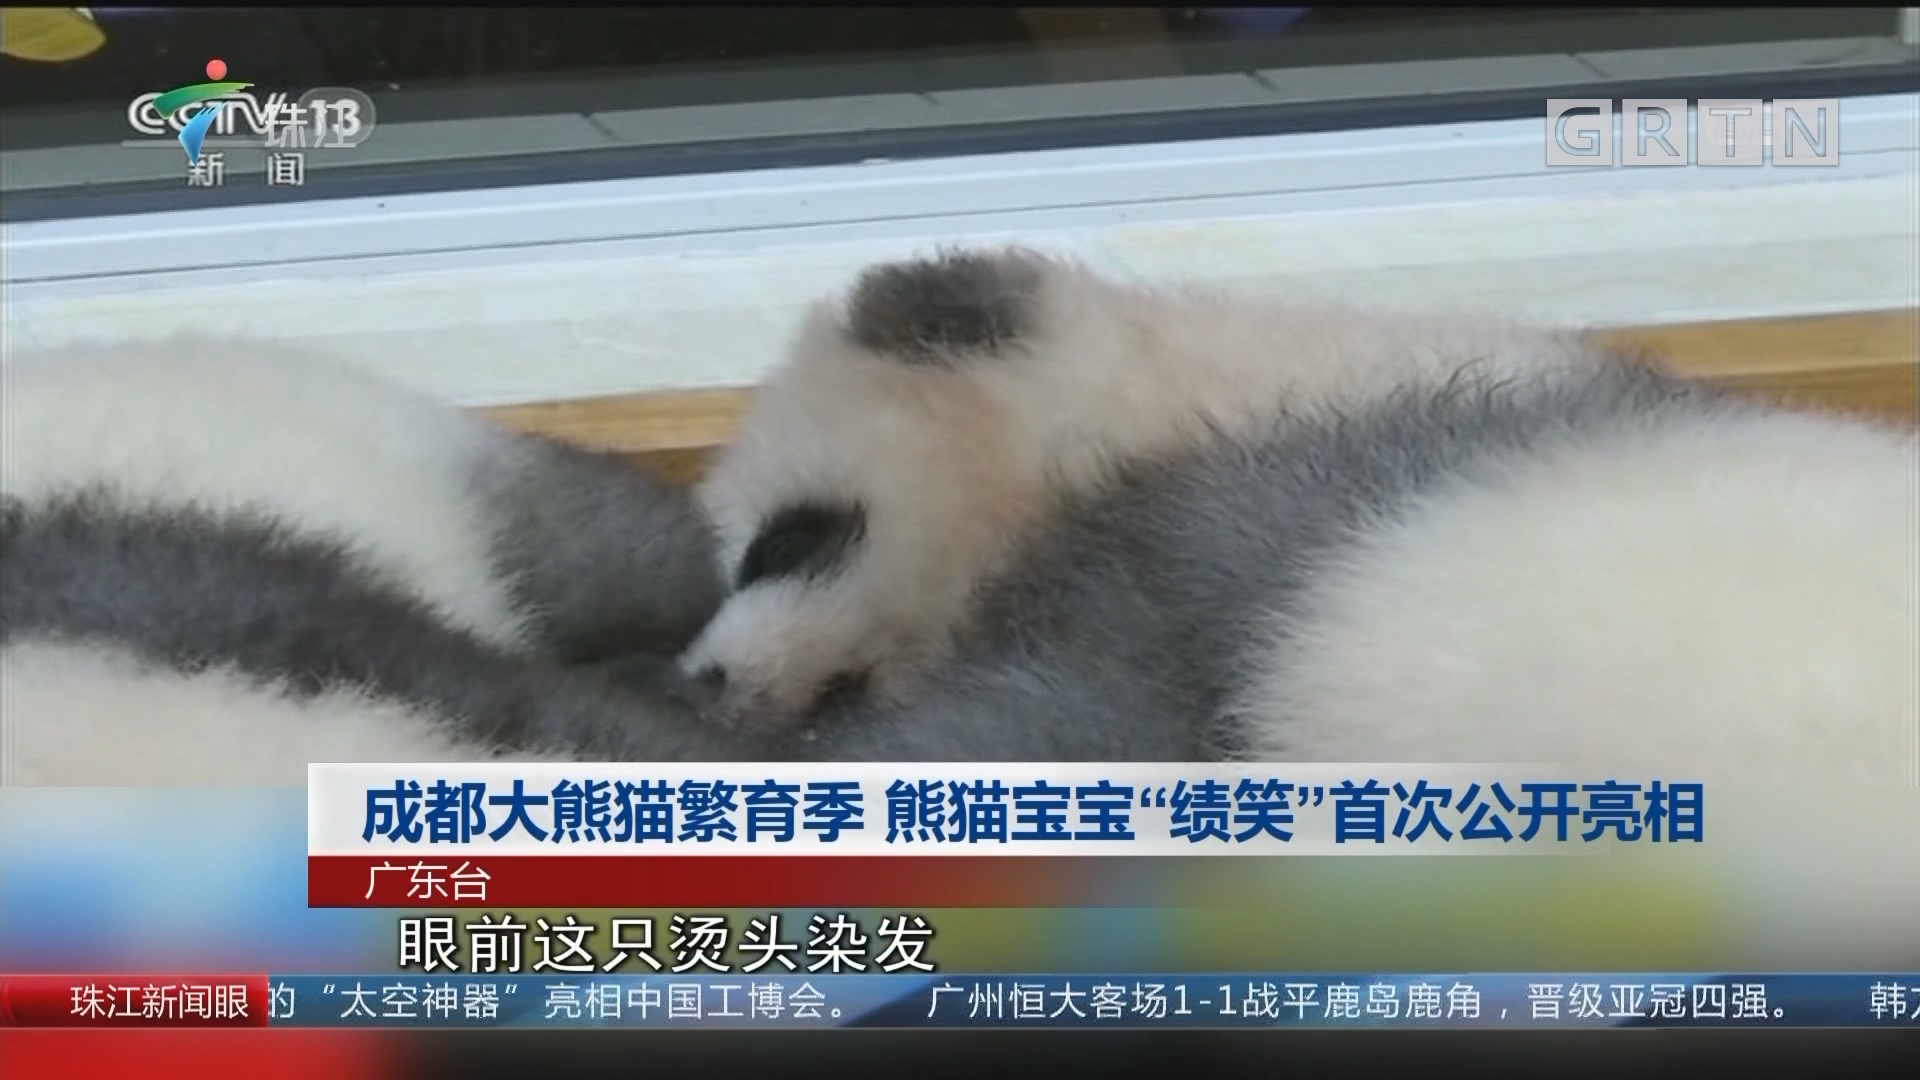 """成都大熊猫繁育季 熊猫宝宝""""绩笑""""首次公开亮相"""